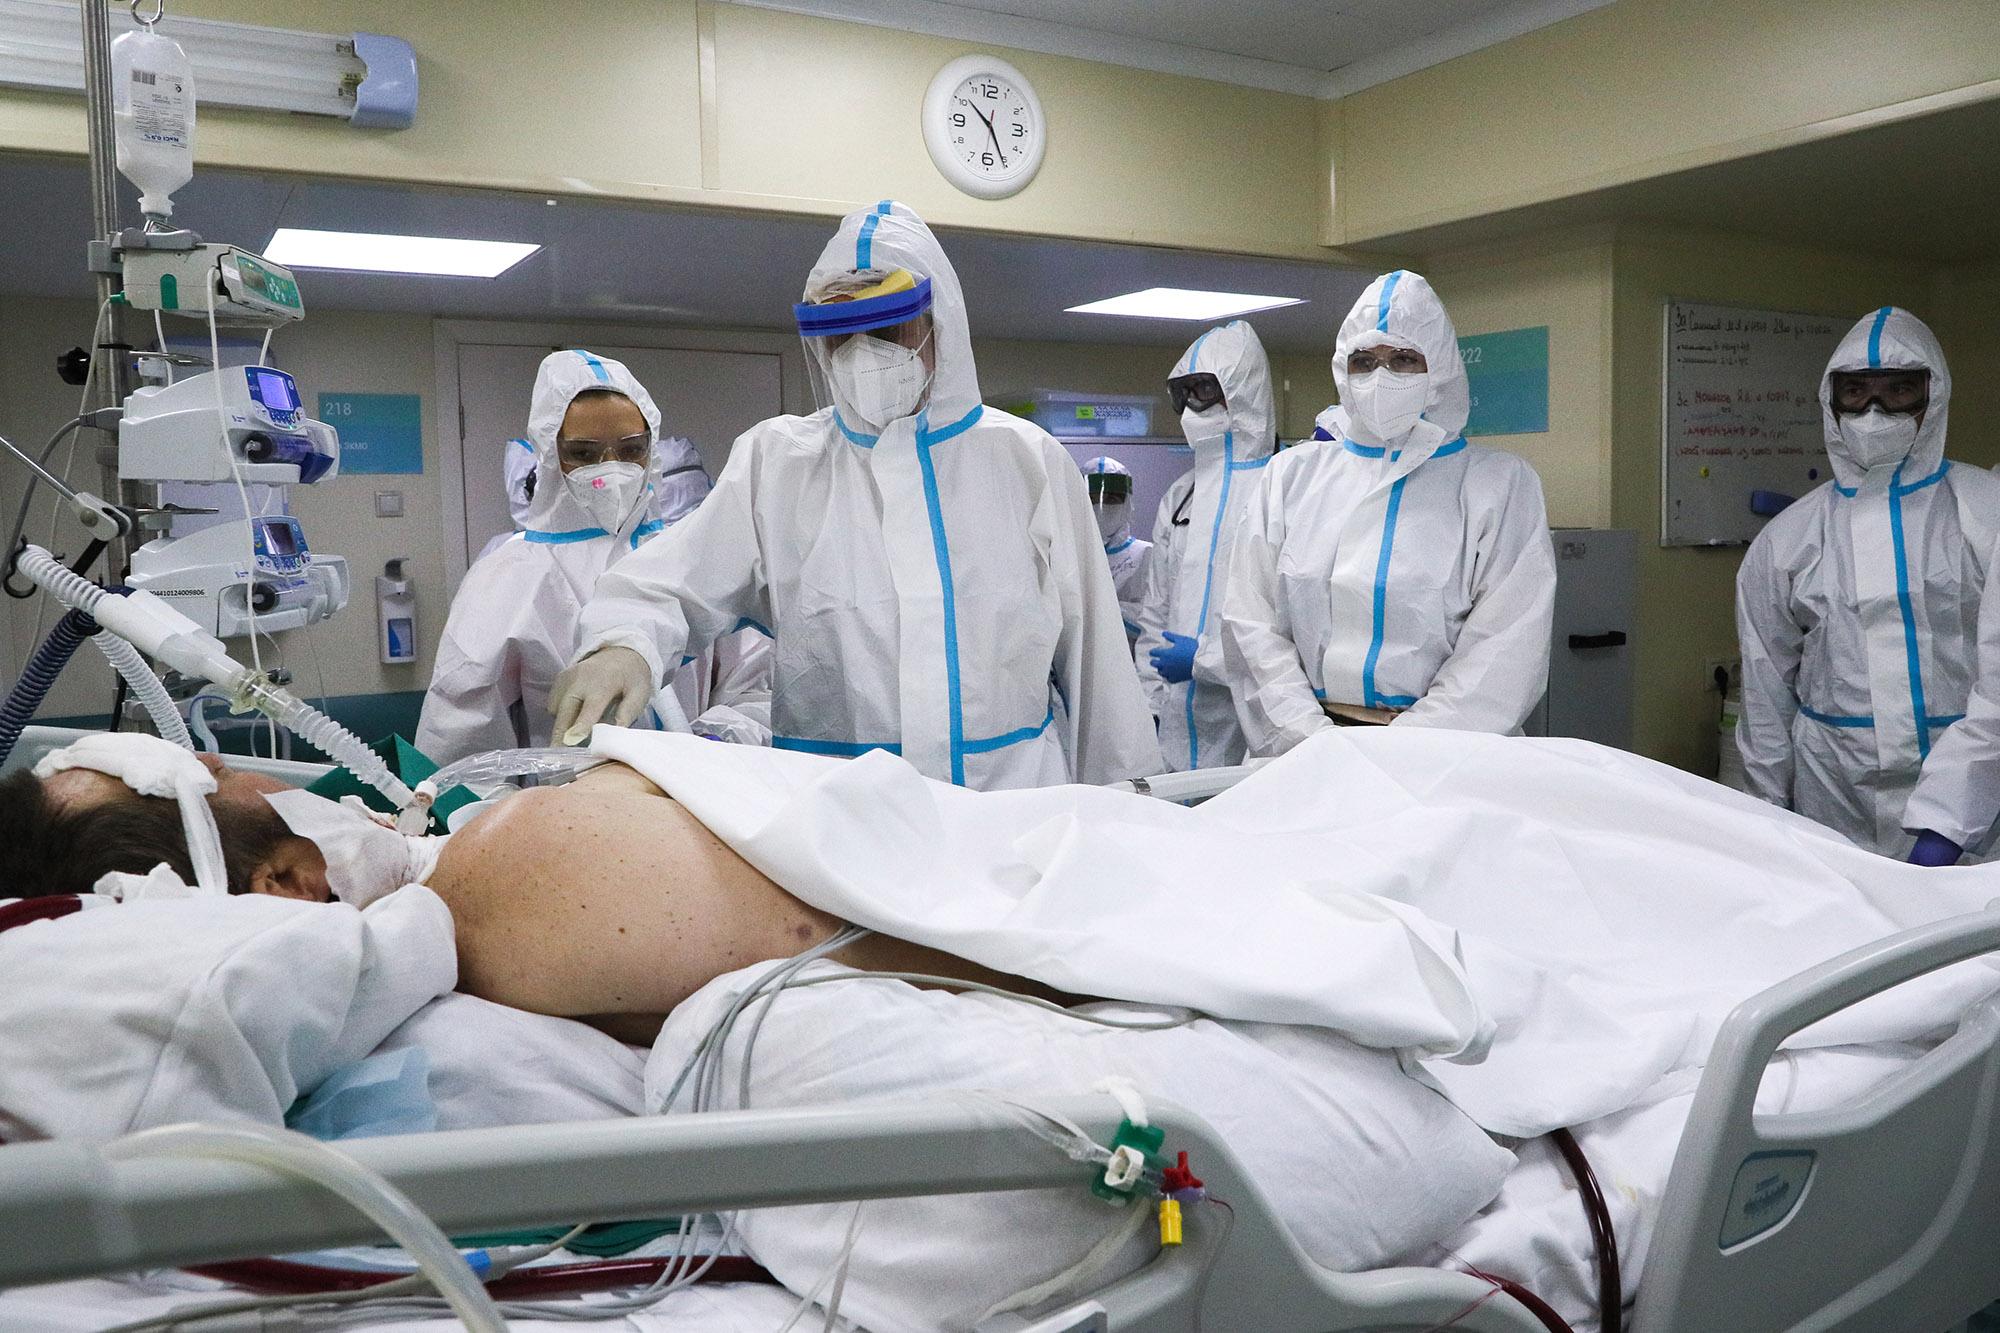 Nhân viên y tế Nga trong khu điều trị Covid-19, Bệnh viện Thực hành Số 52 của thủ đô Moskva, ngày 17/6. Ảnh: TASS.